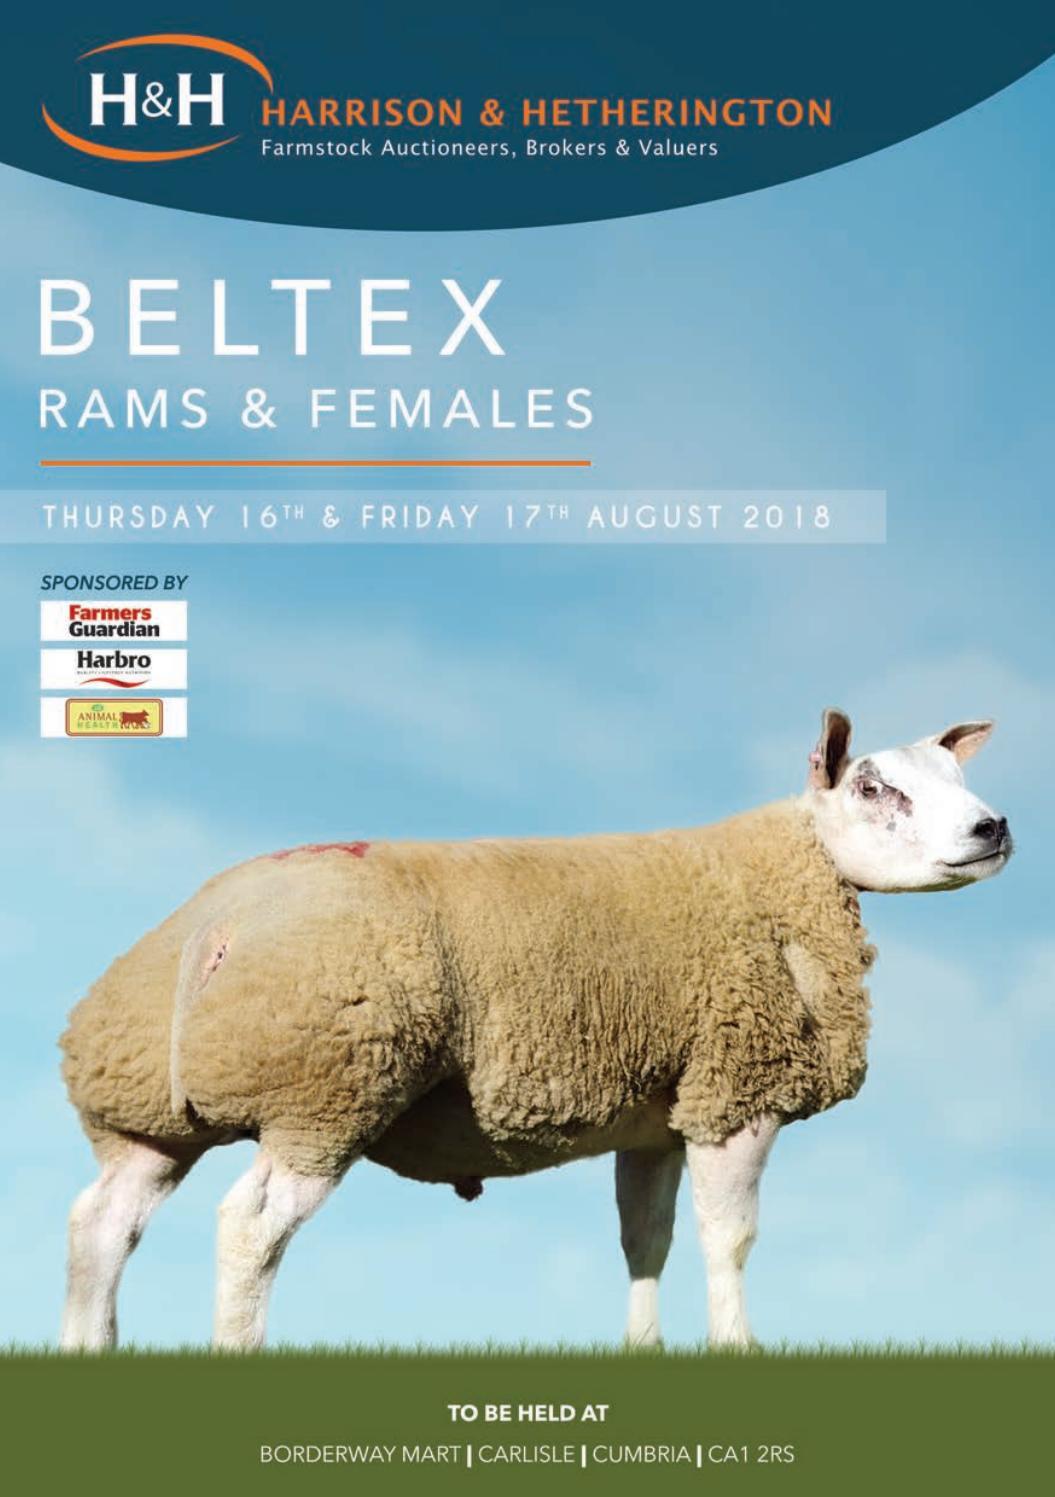 Beltex 16170818 by Harrison & Hetherington - issuu